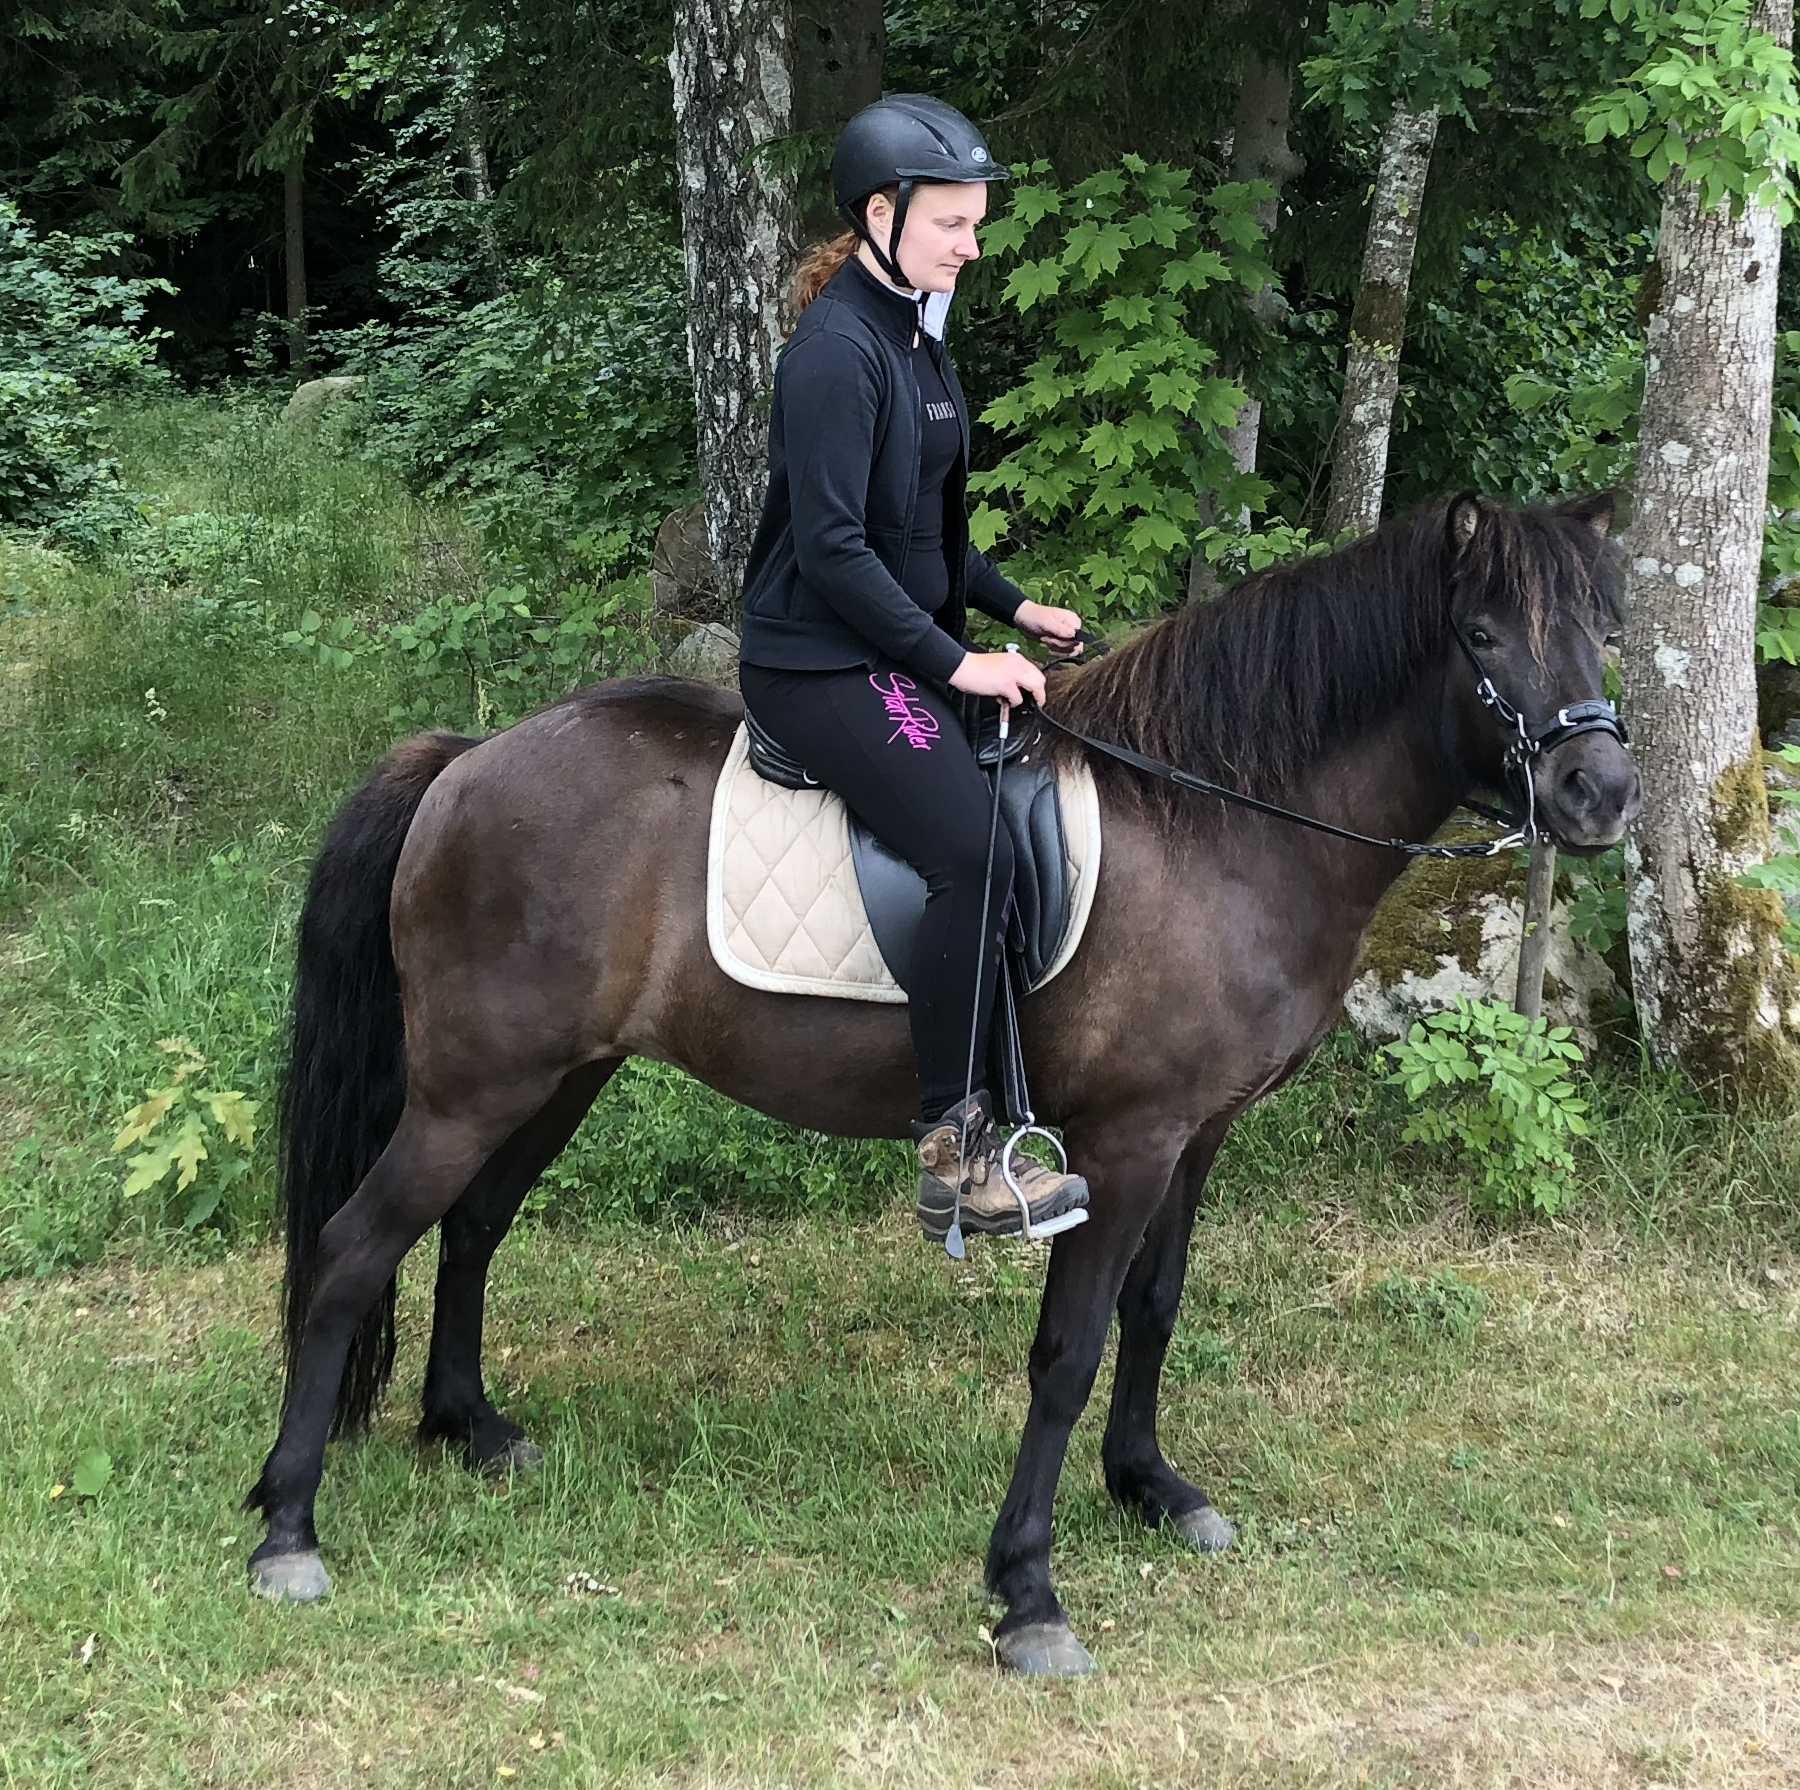 tomalina Unsere pferde-sparrispislandshastar.com | 2020